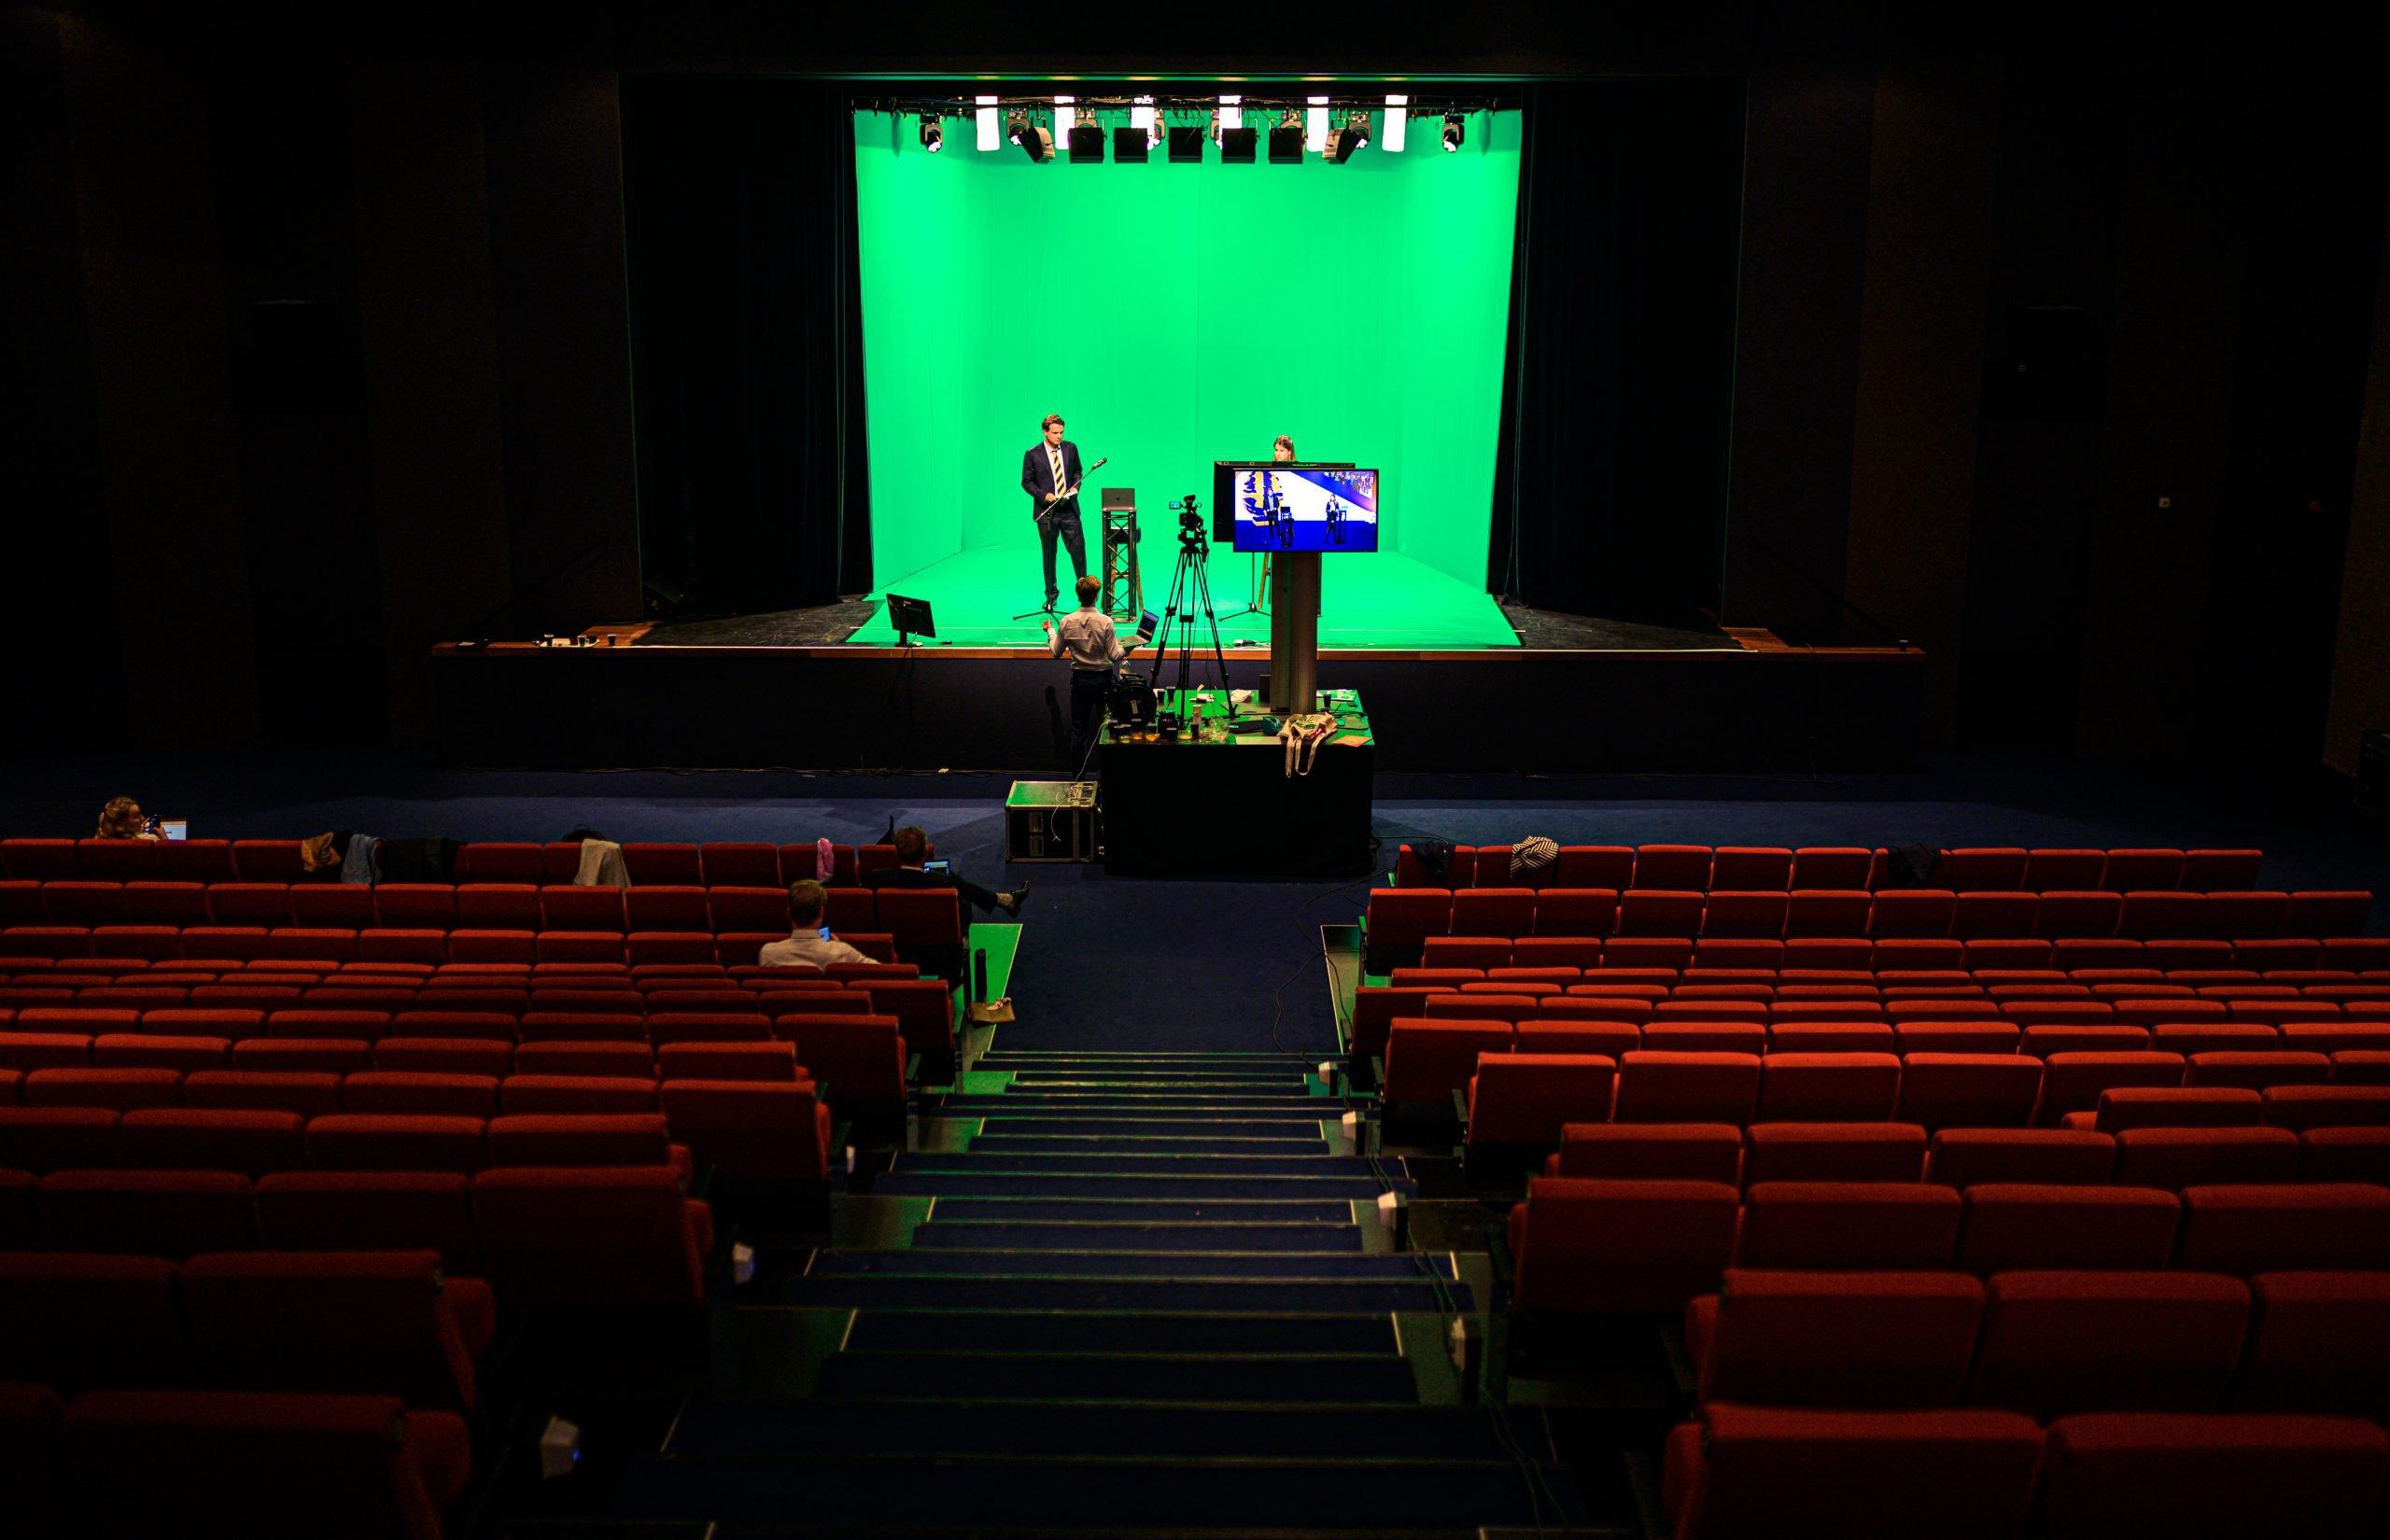 behind the scenes foto van live stream productie met greenscreen